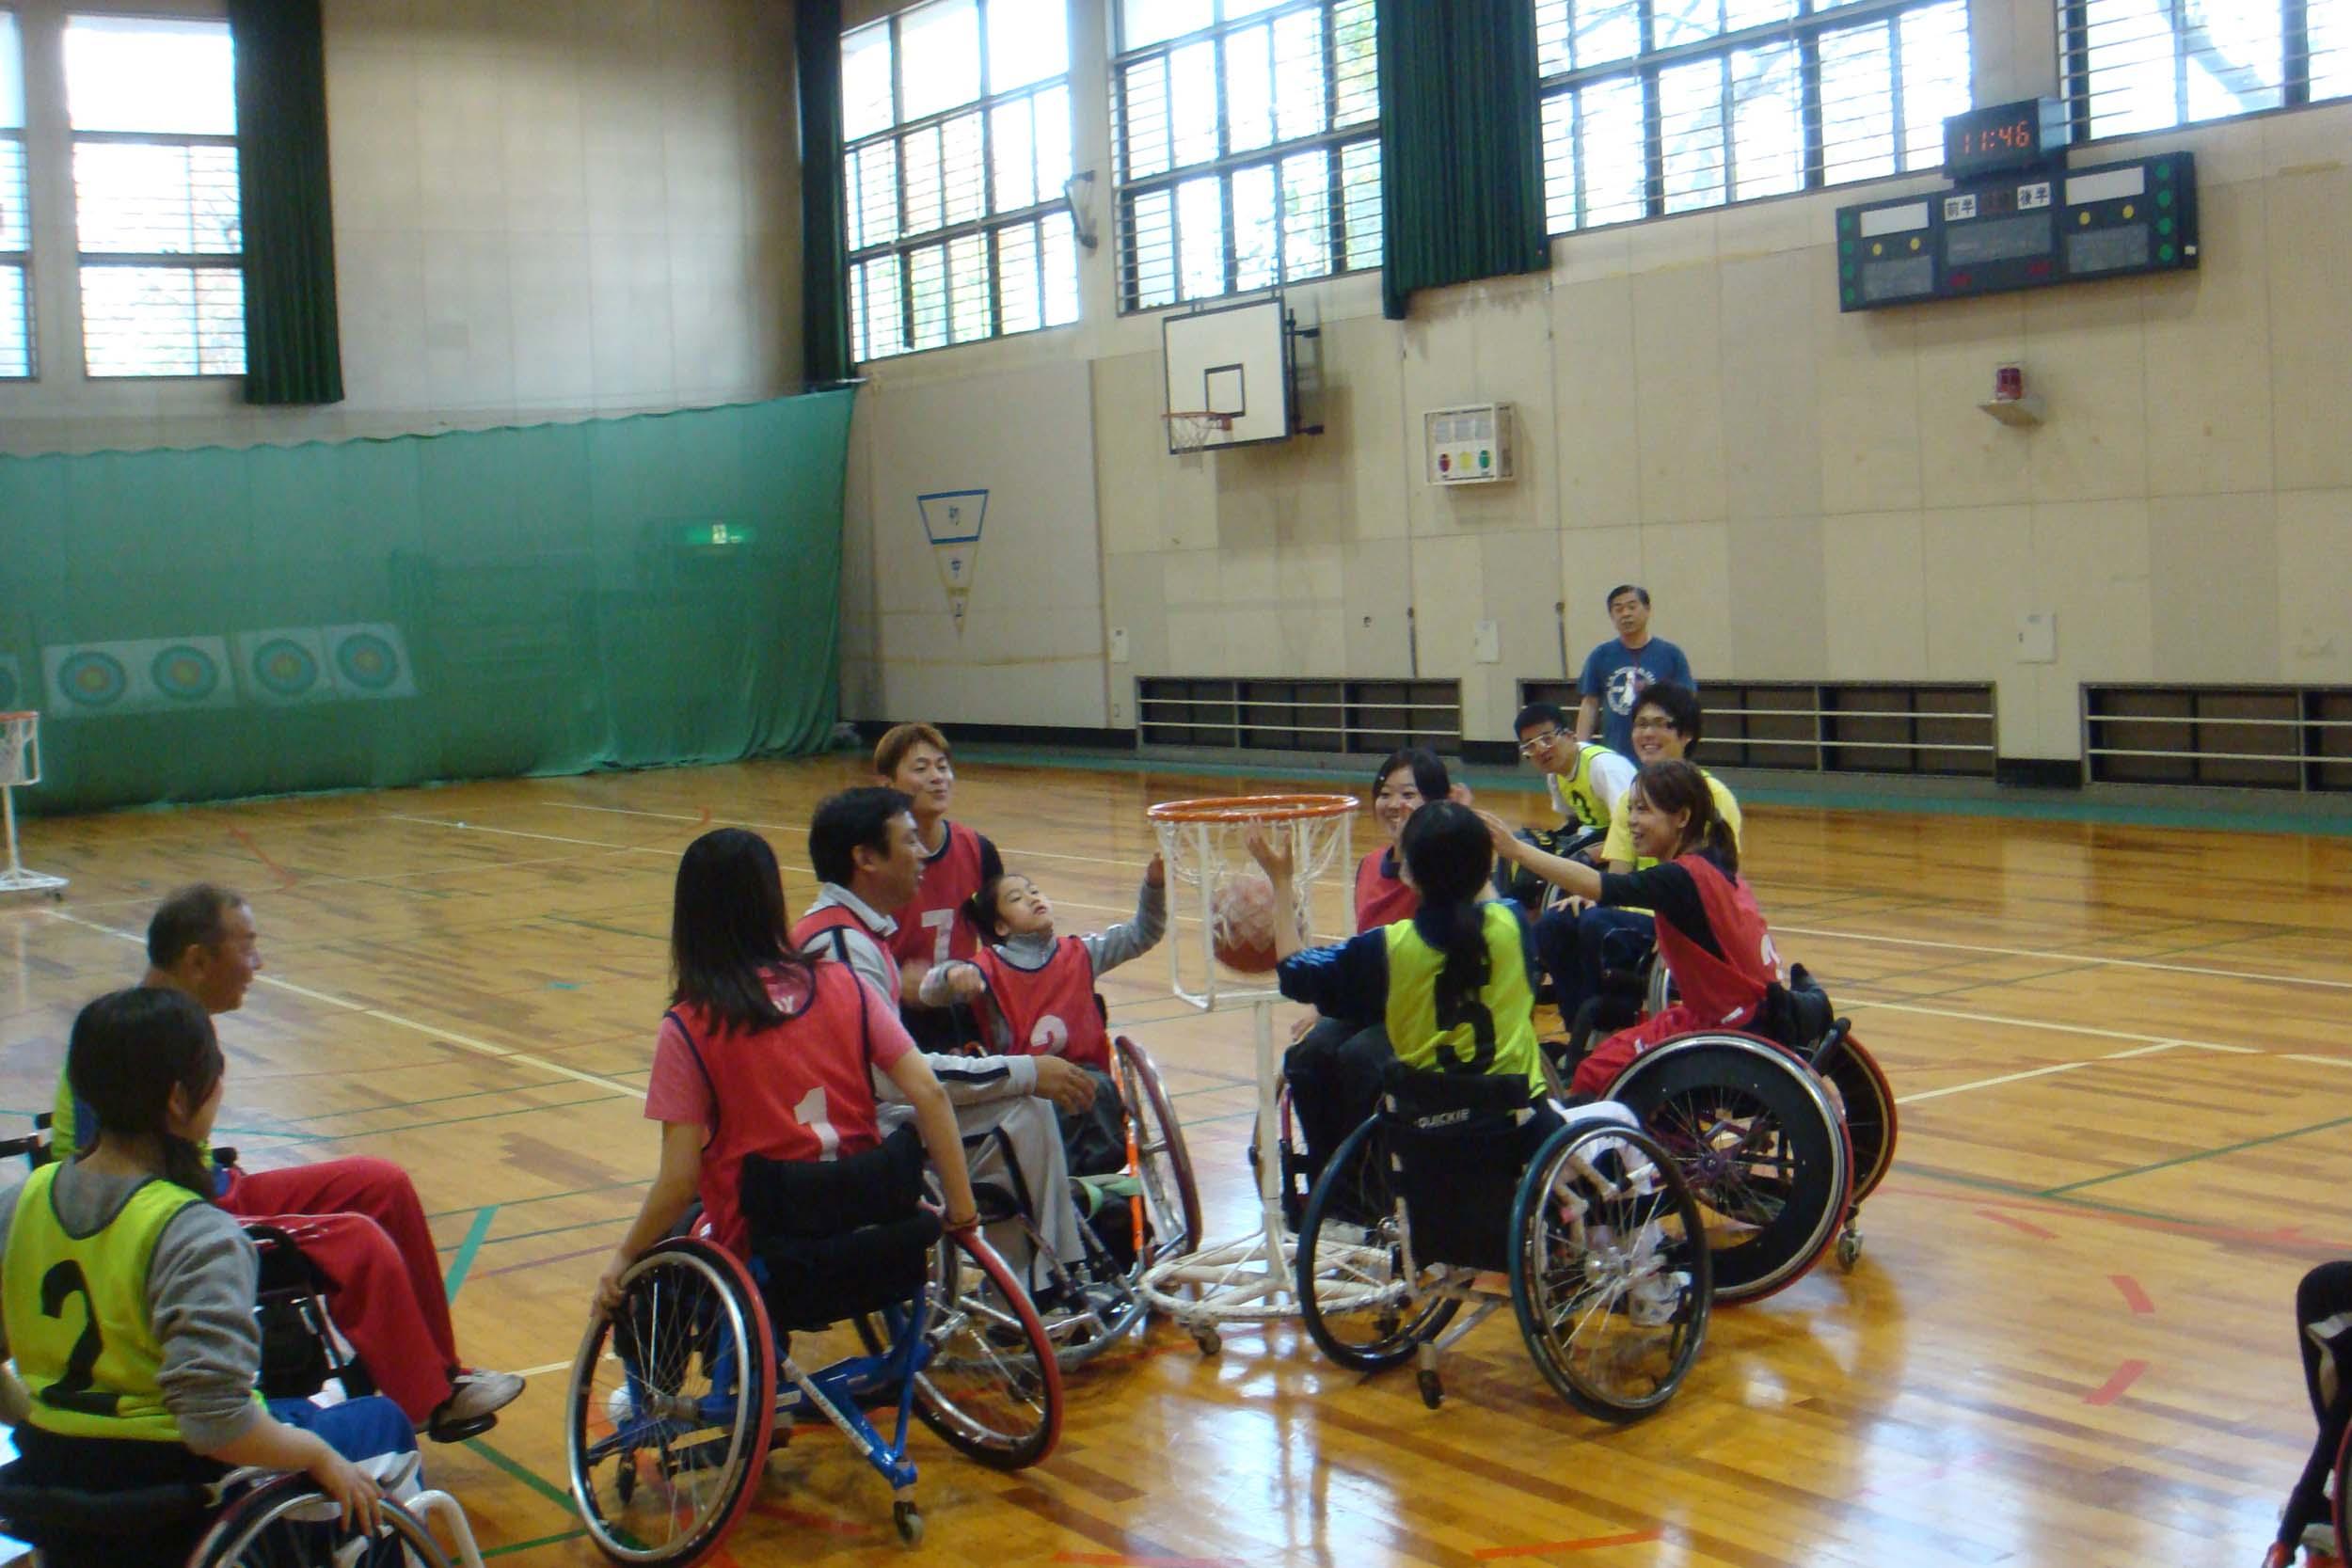 tuinnbasuke - レッツ車椅子バスケより・・・車椅子バスケットボールに挑戦!